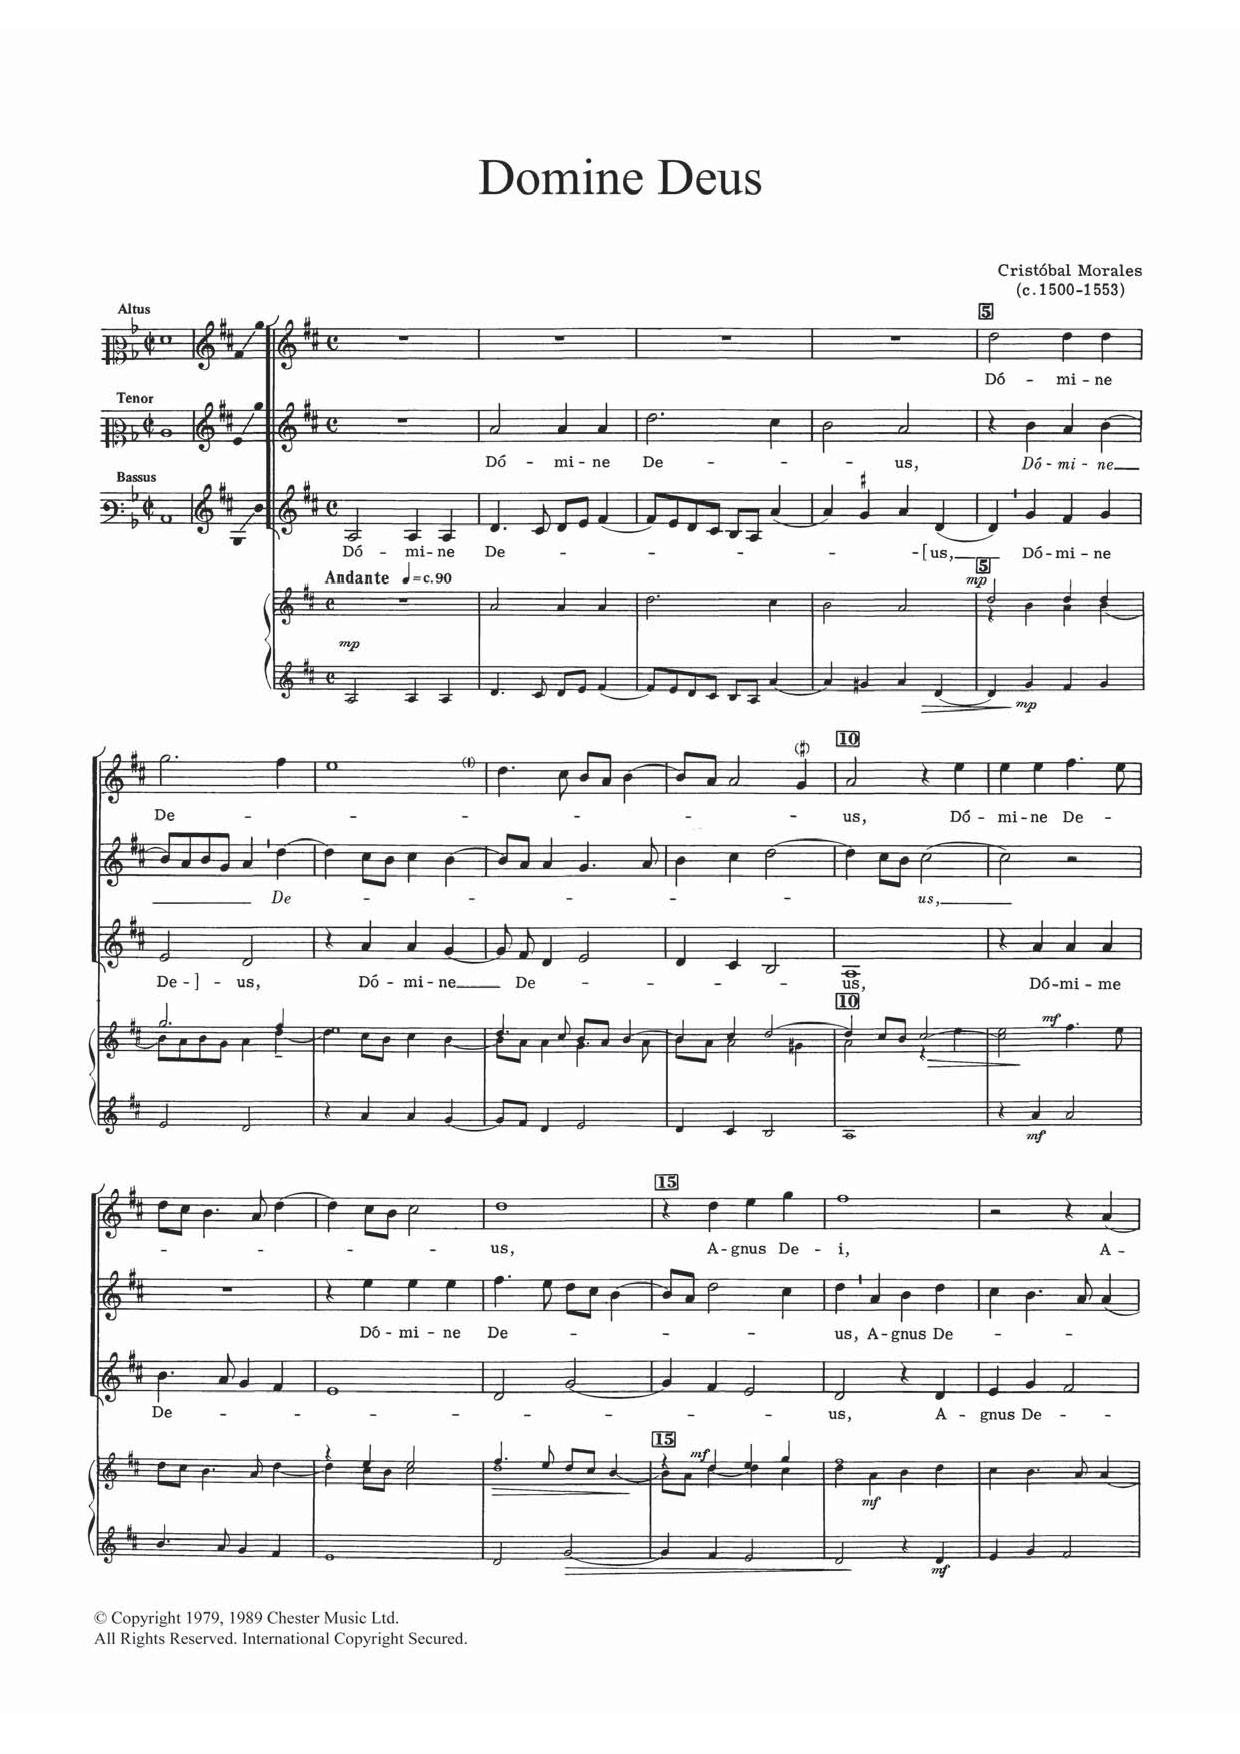 Domine Deus Sheet Music